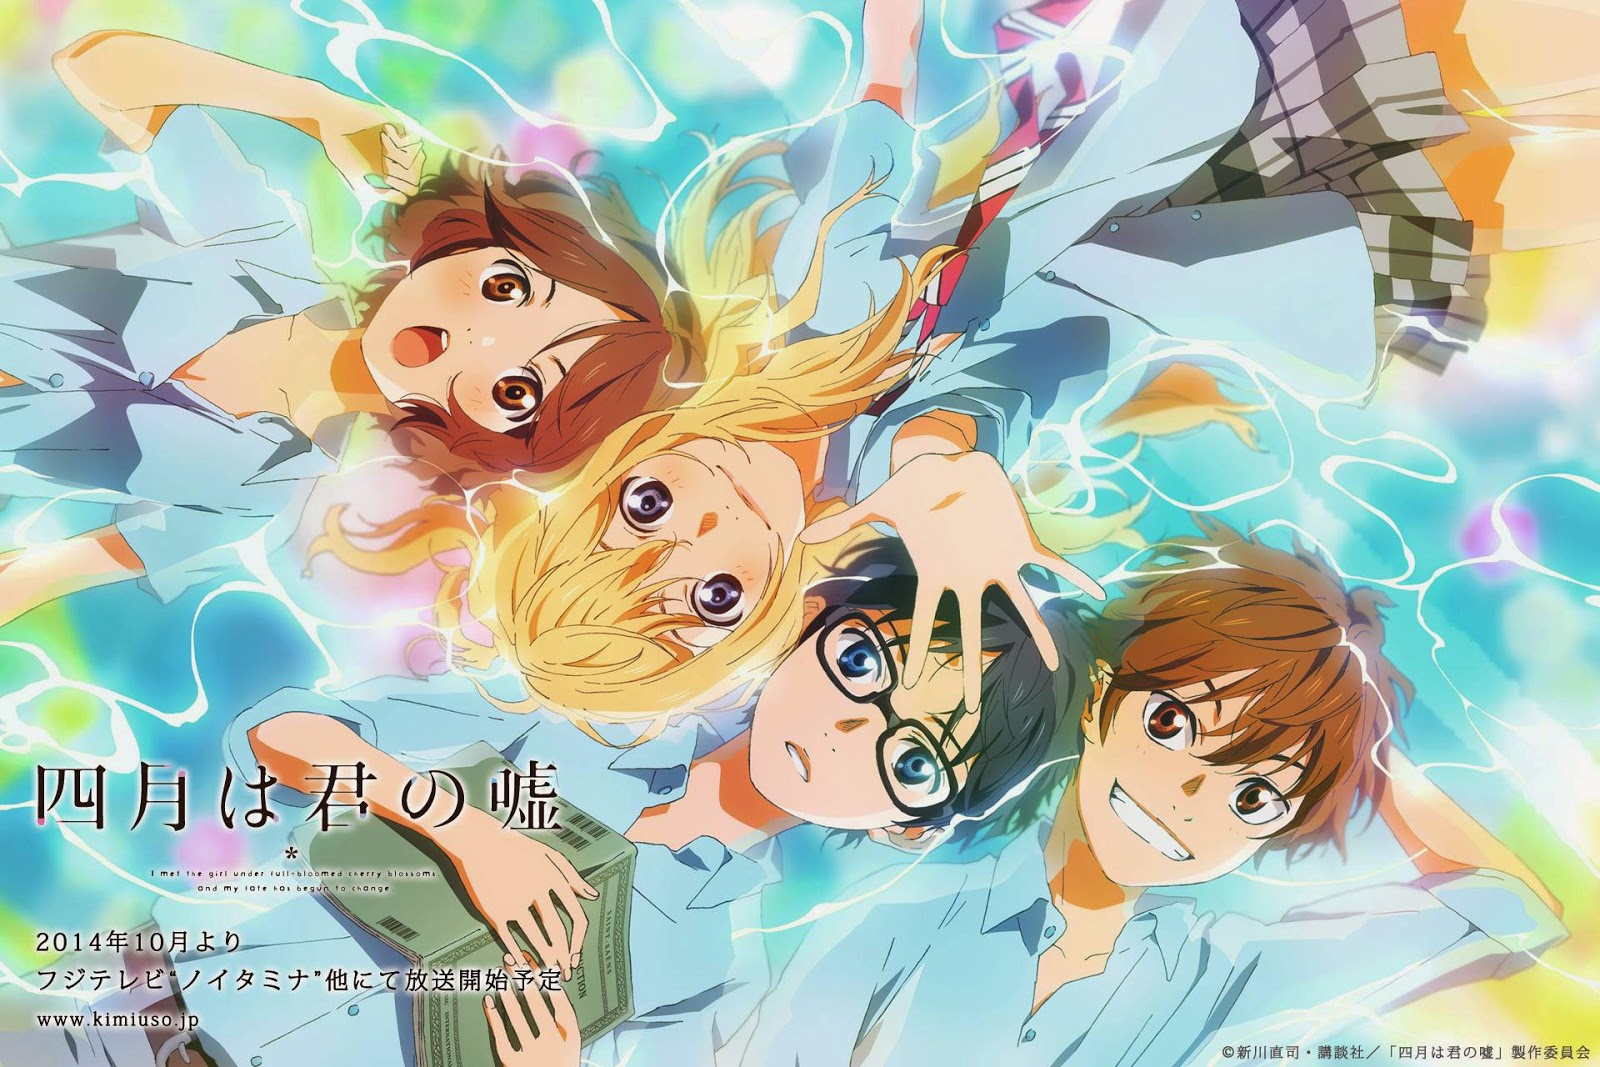 Shigatsu wa kimi no uso / Your Lie in April -Your-Lie-In-April-shigatsu-wa-kimi-no-uso-39149005-1600-1067